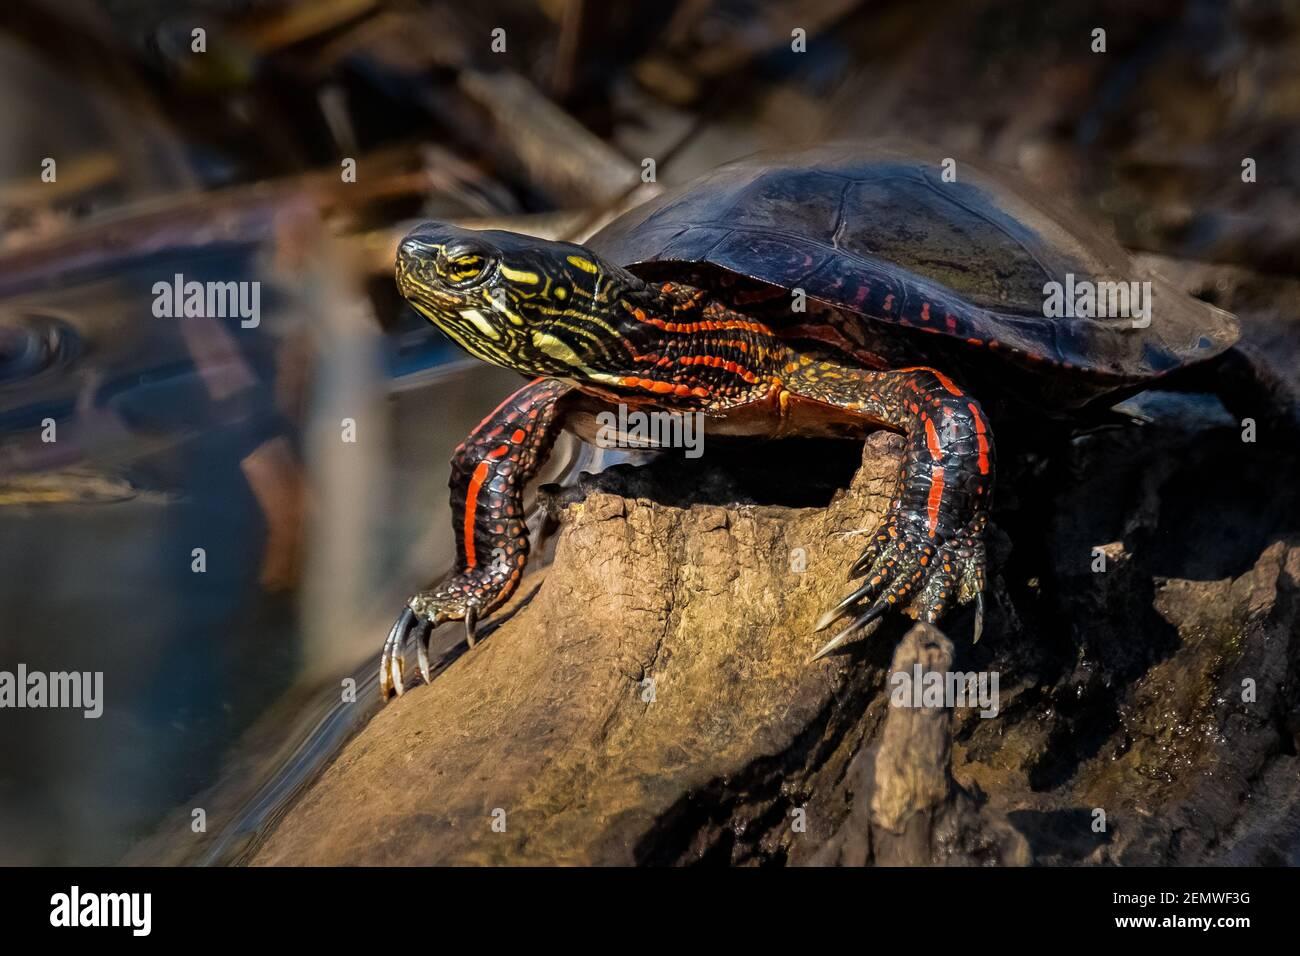 Una tortuga pintada macho (Chrysemys picta) tomando el sol de primavera en un tronco en el pantano. Foto de stock